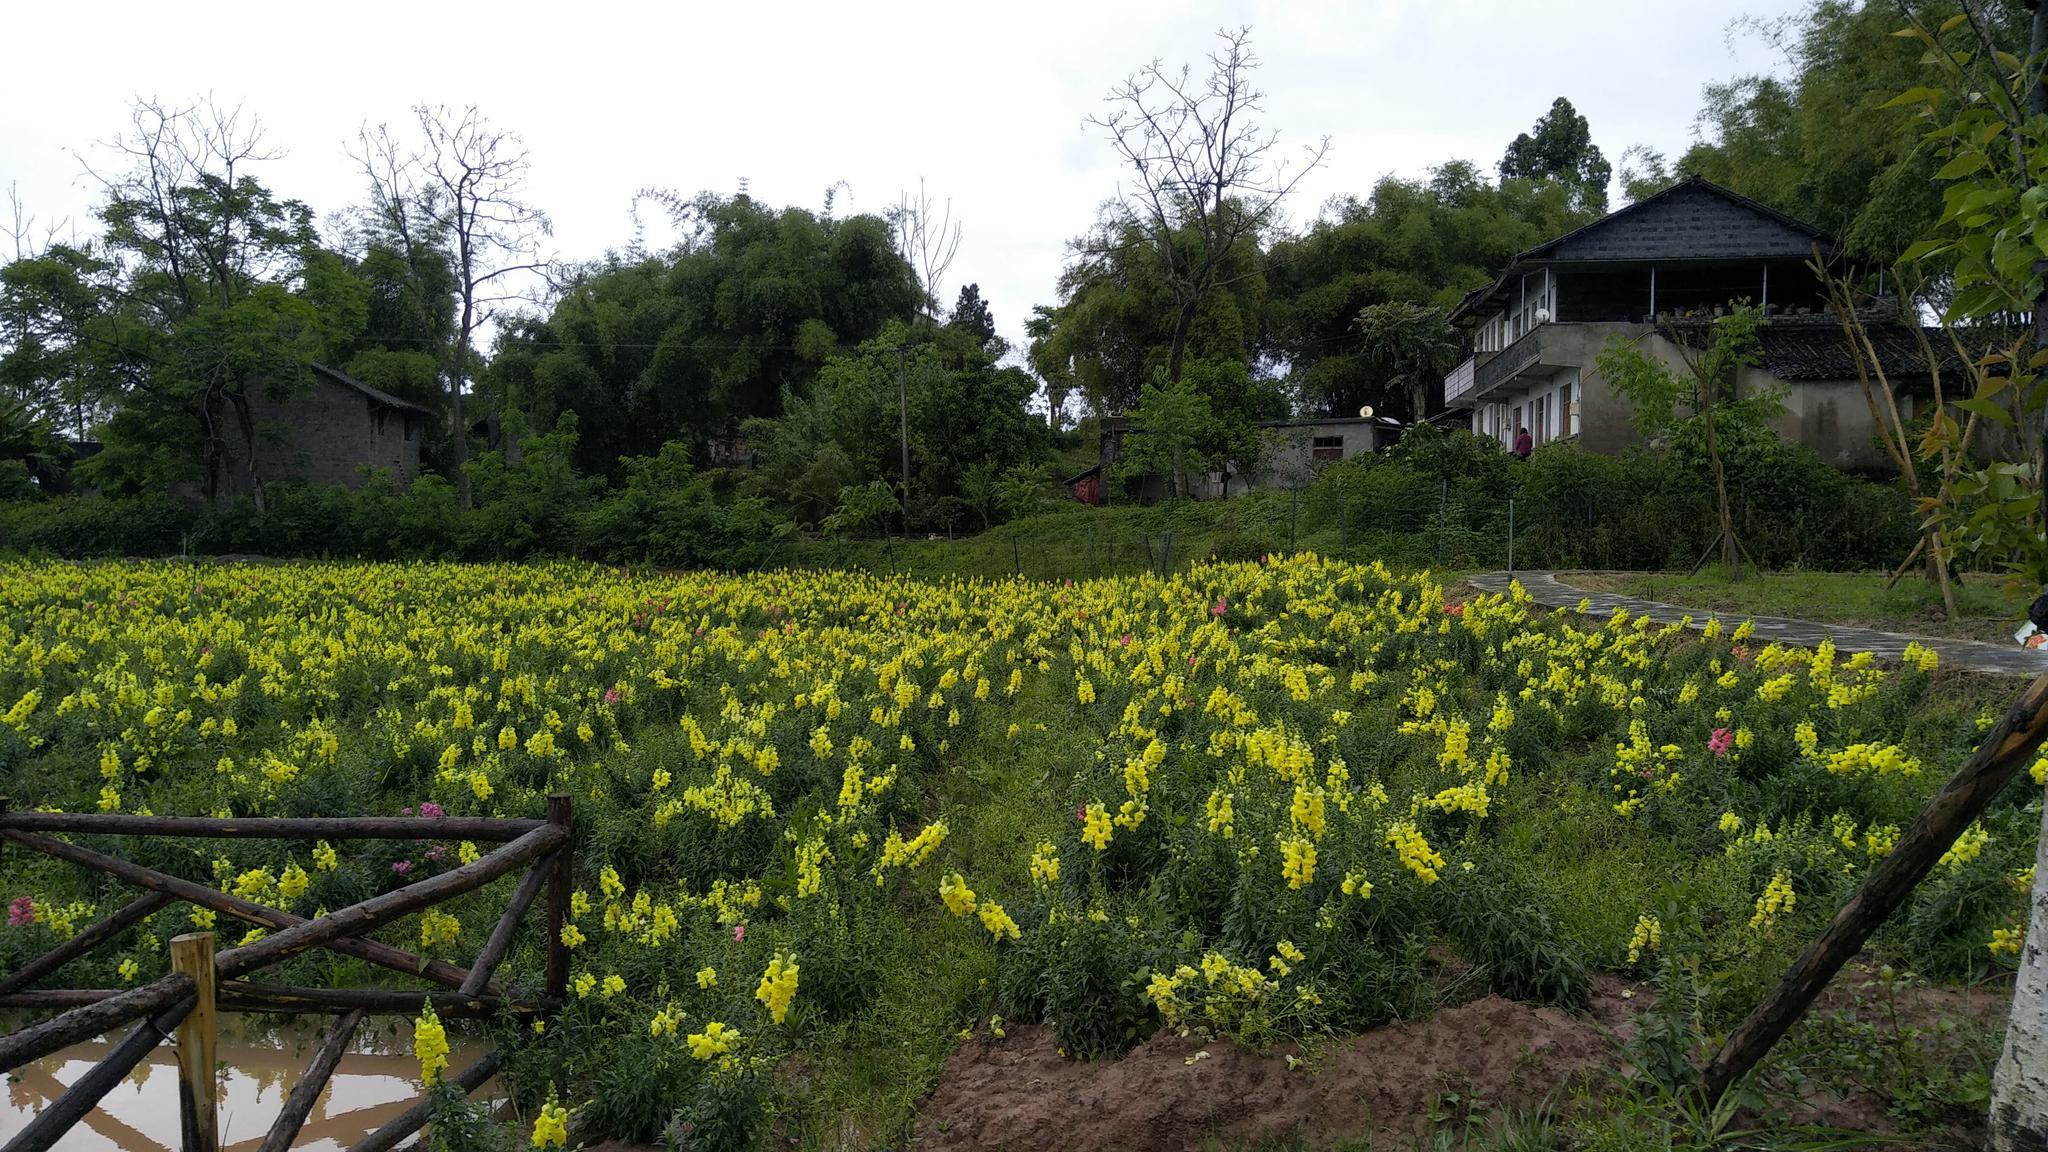 雨后的银城花海 淡淡青草味 怡人的花香